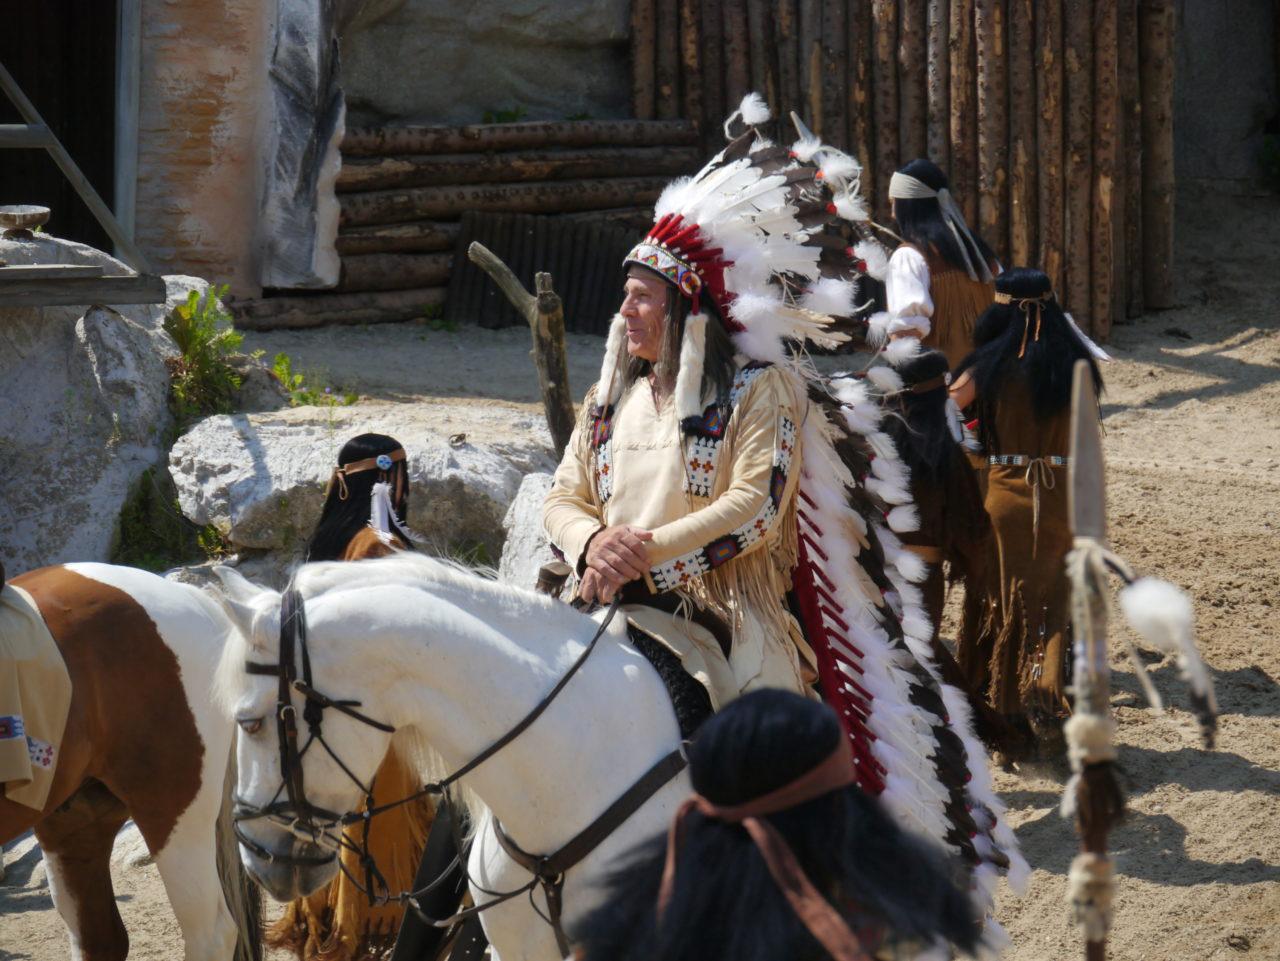 Вигвамы и лошади, перья и револьверы: на фестивале Карла Мая царит атмосфера легендарного Дикого Запада / Julius Beckmann